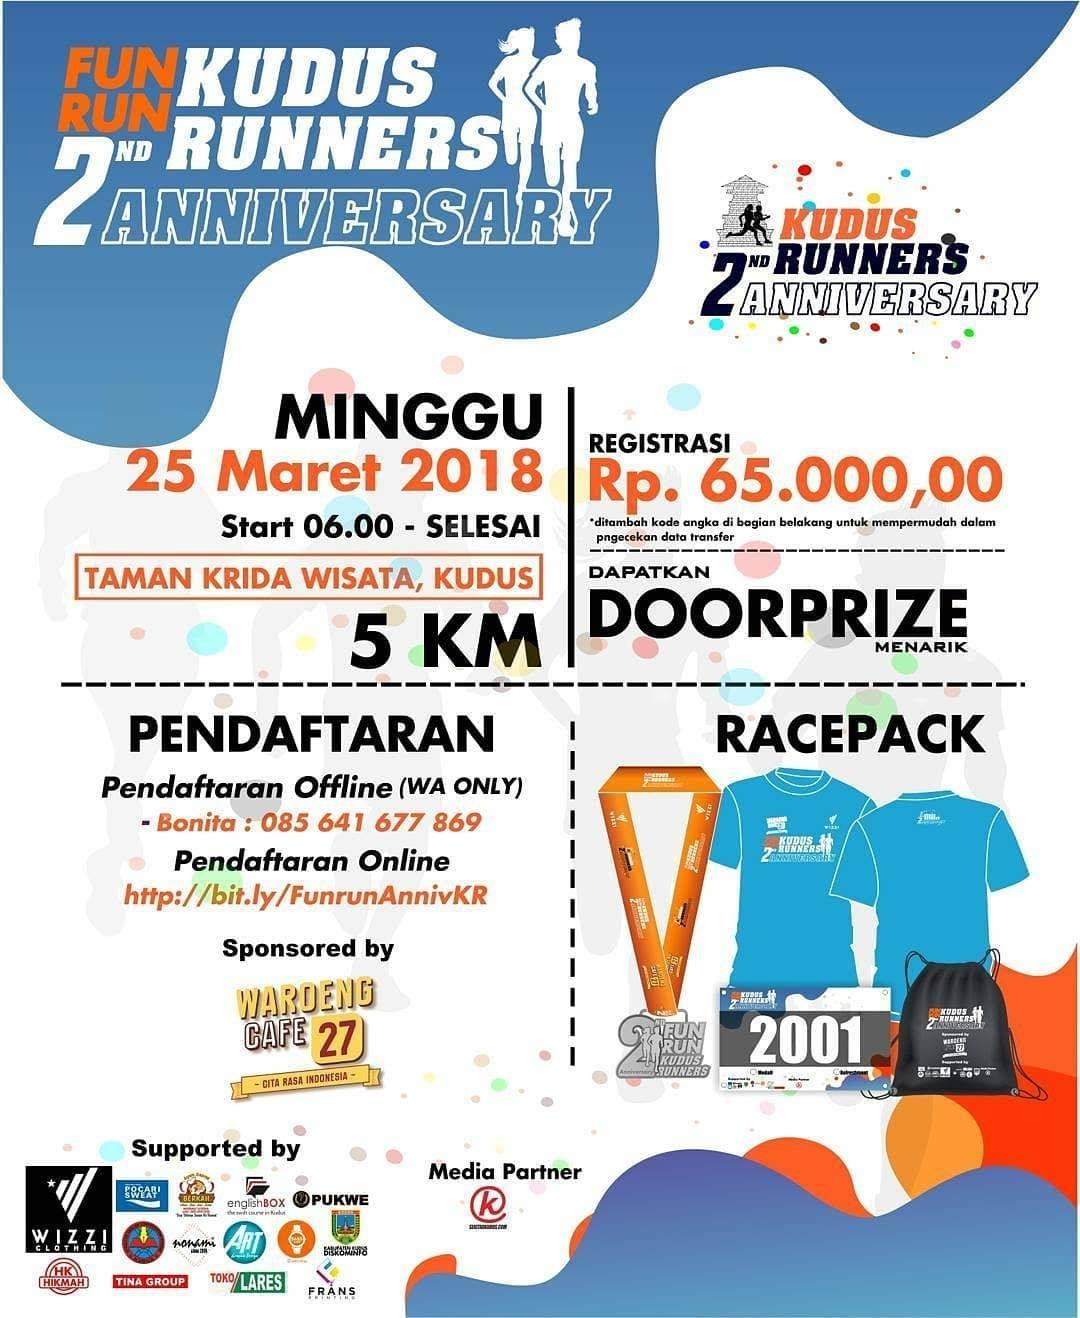 Event Kudus - Funrun 2nd Anniversary Kudus Runners